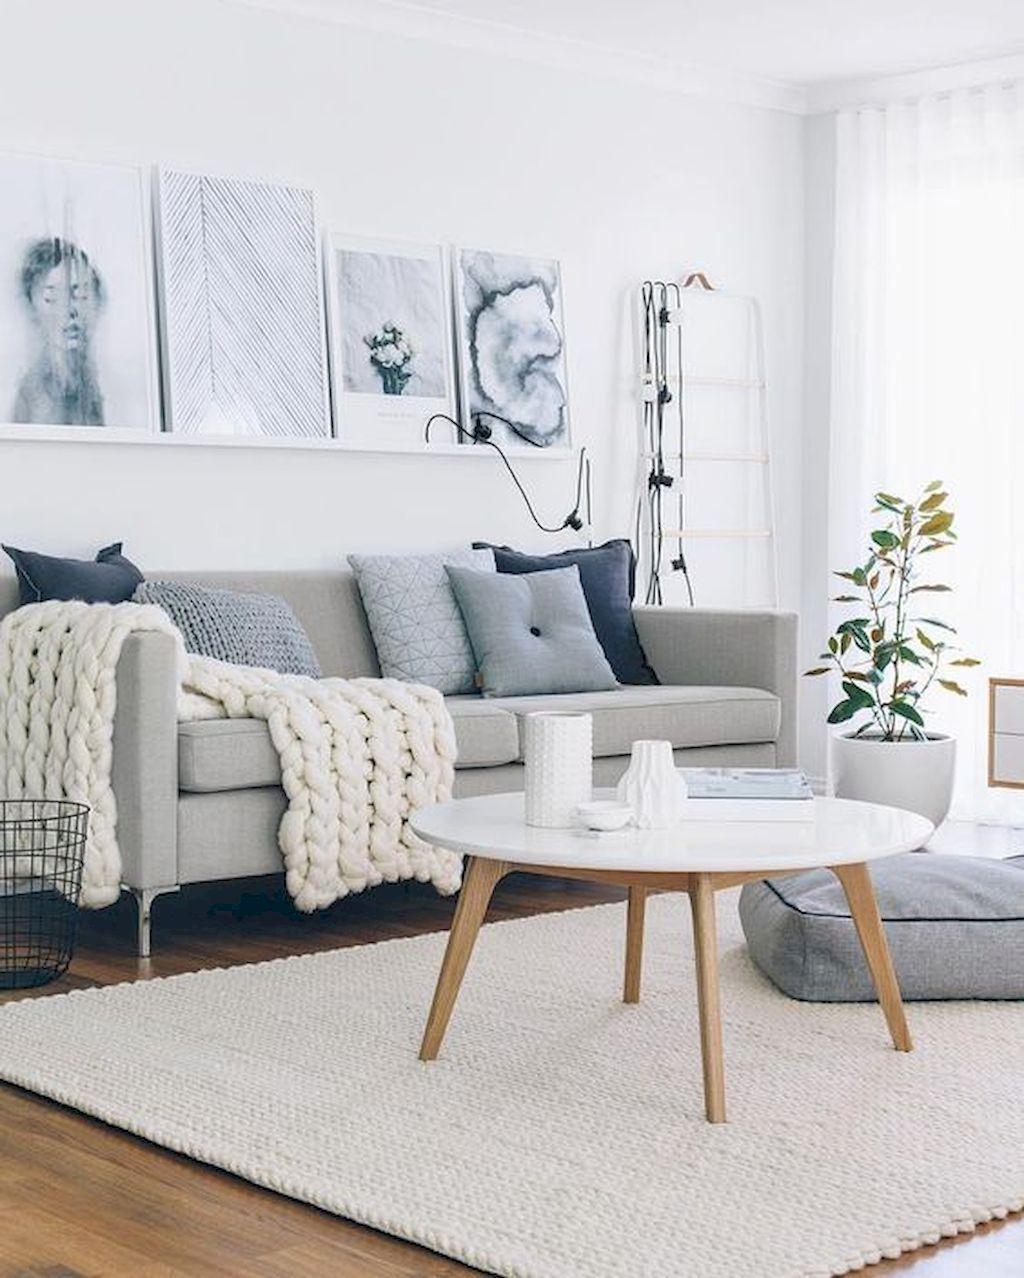 Innenarchitektur wohnzimmer für kleine wohnung pin von vera klink auf roomgoals  pinterest  wohnzimmer